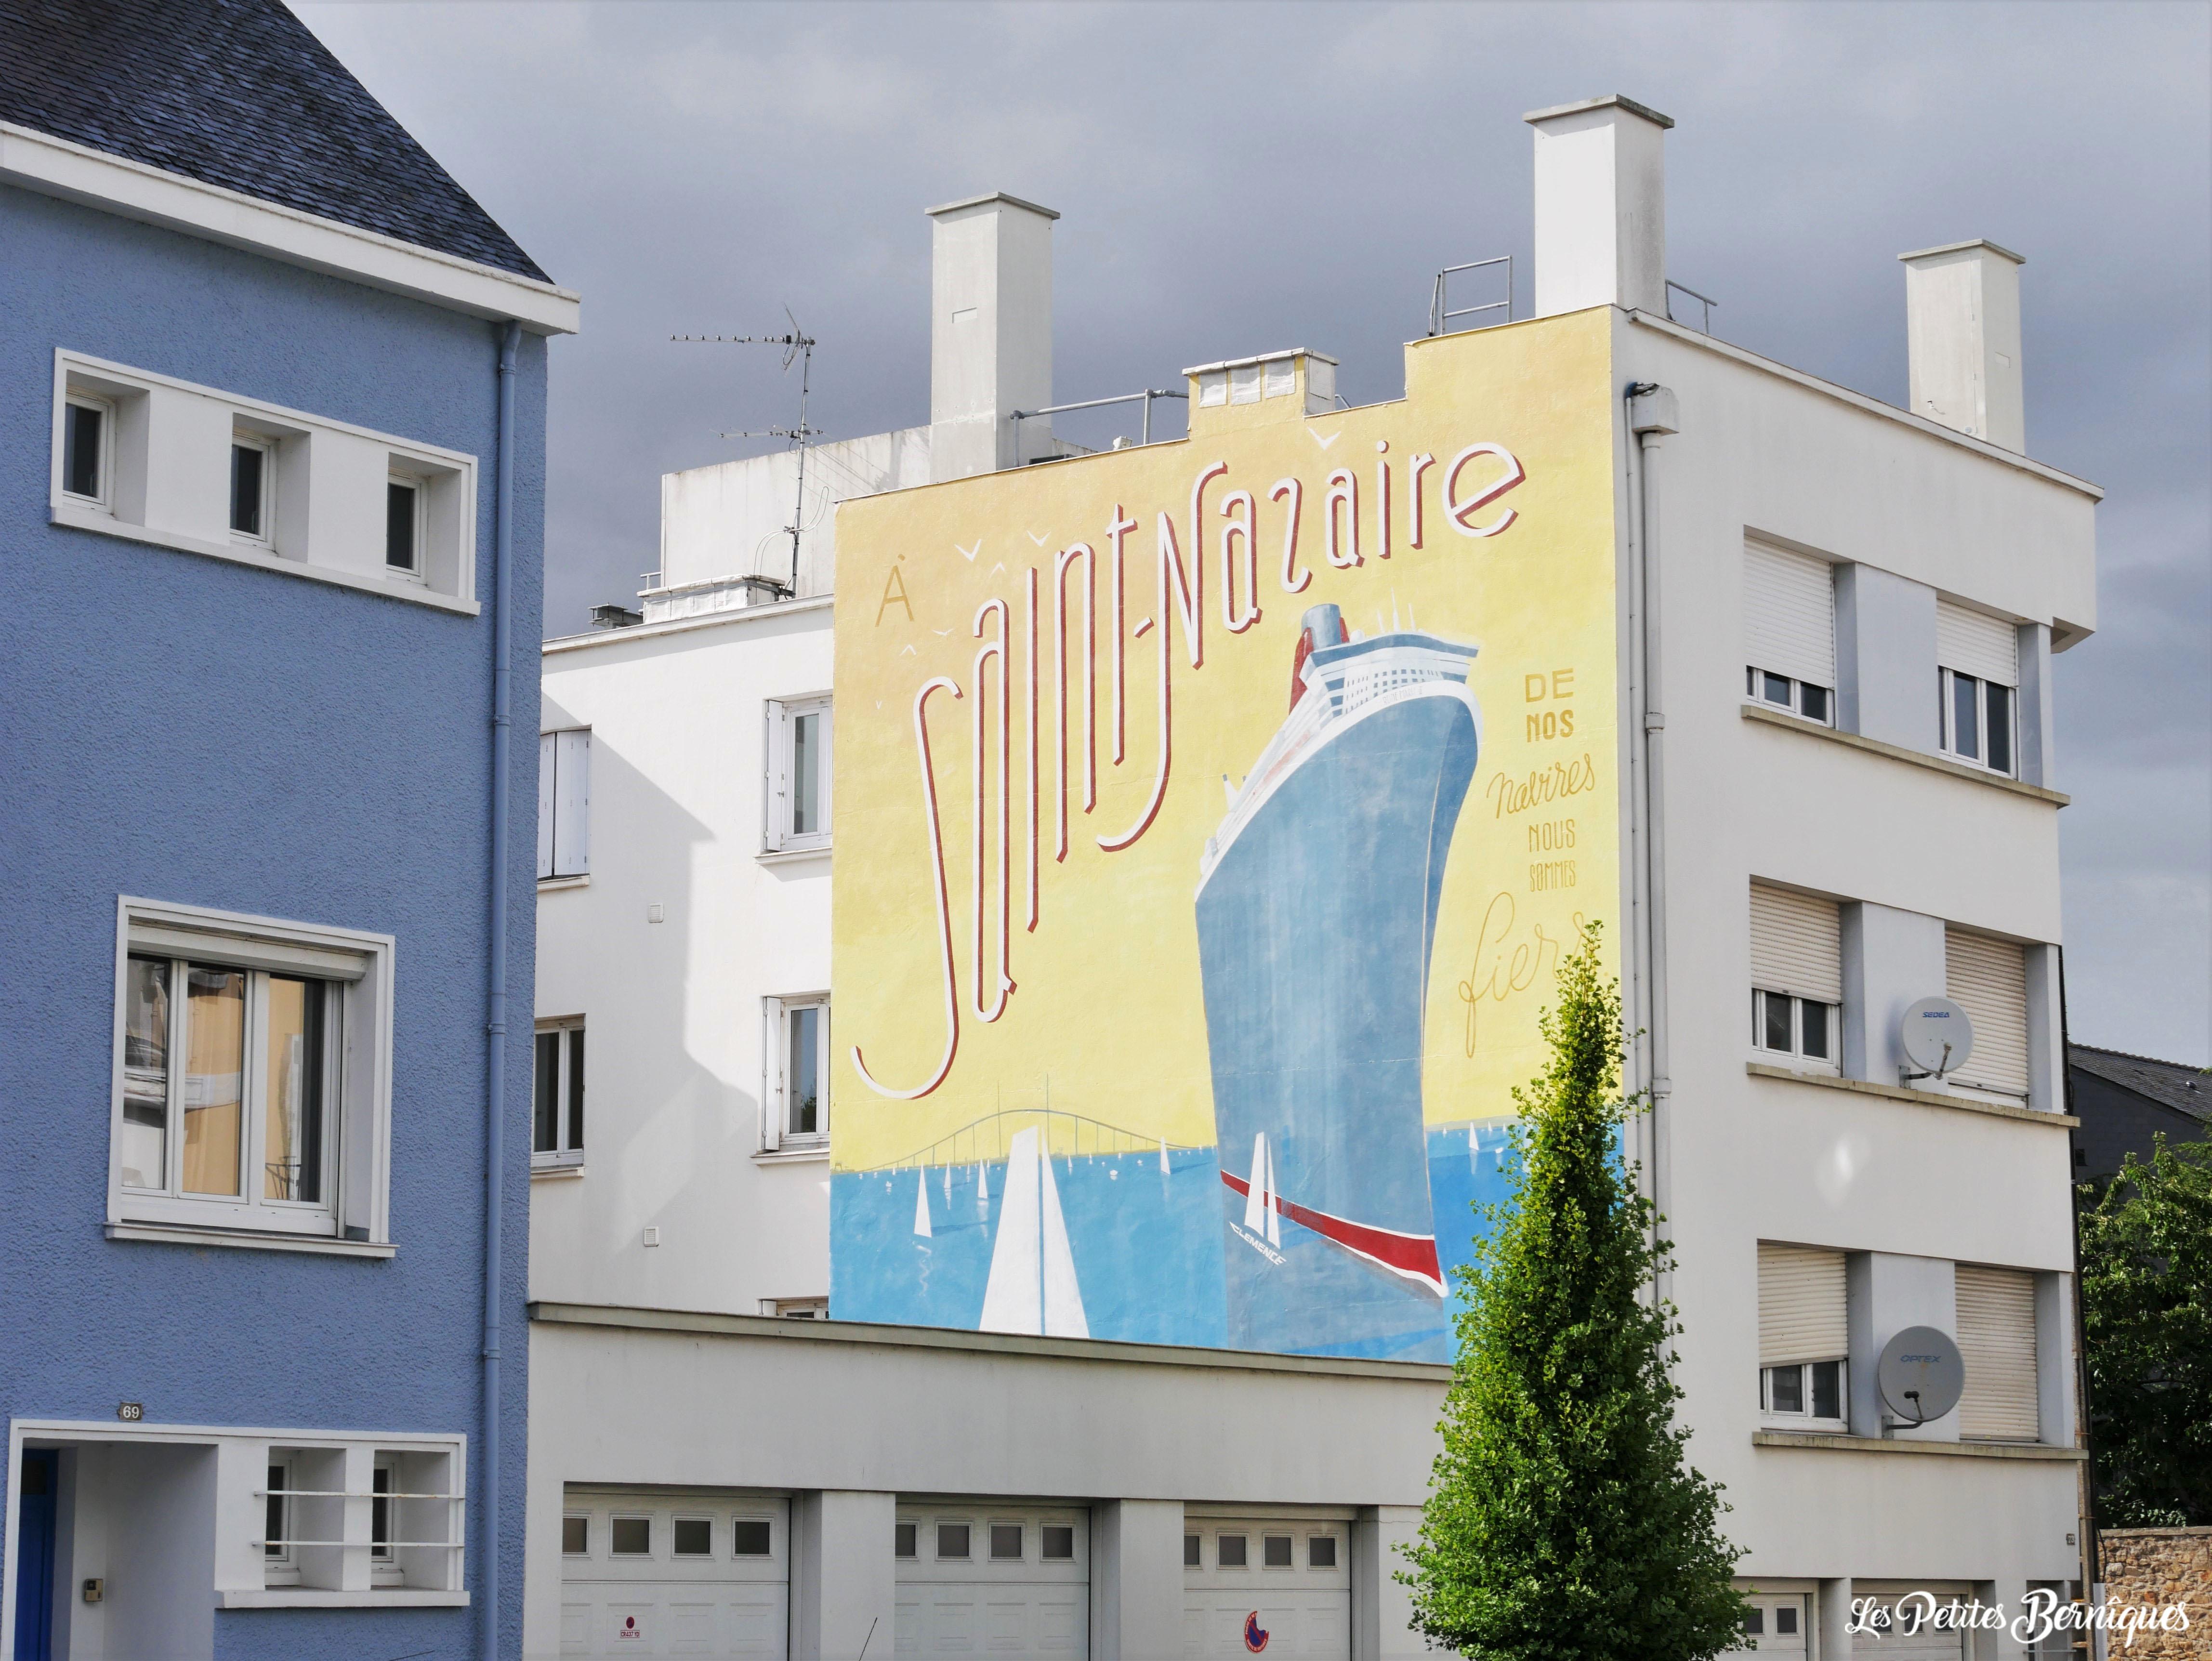 Fresque Toques Freres Saint-Nazaire